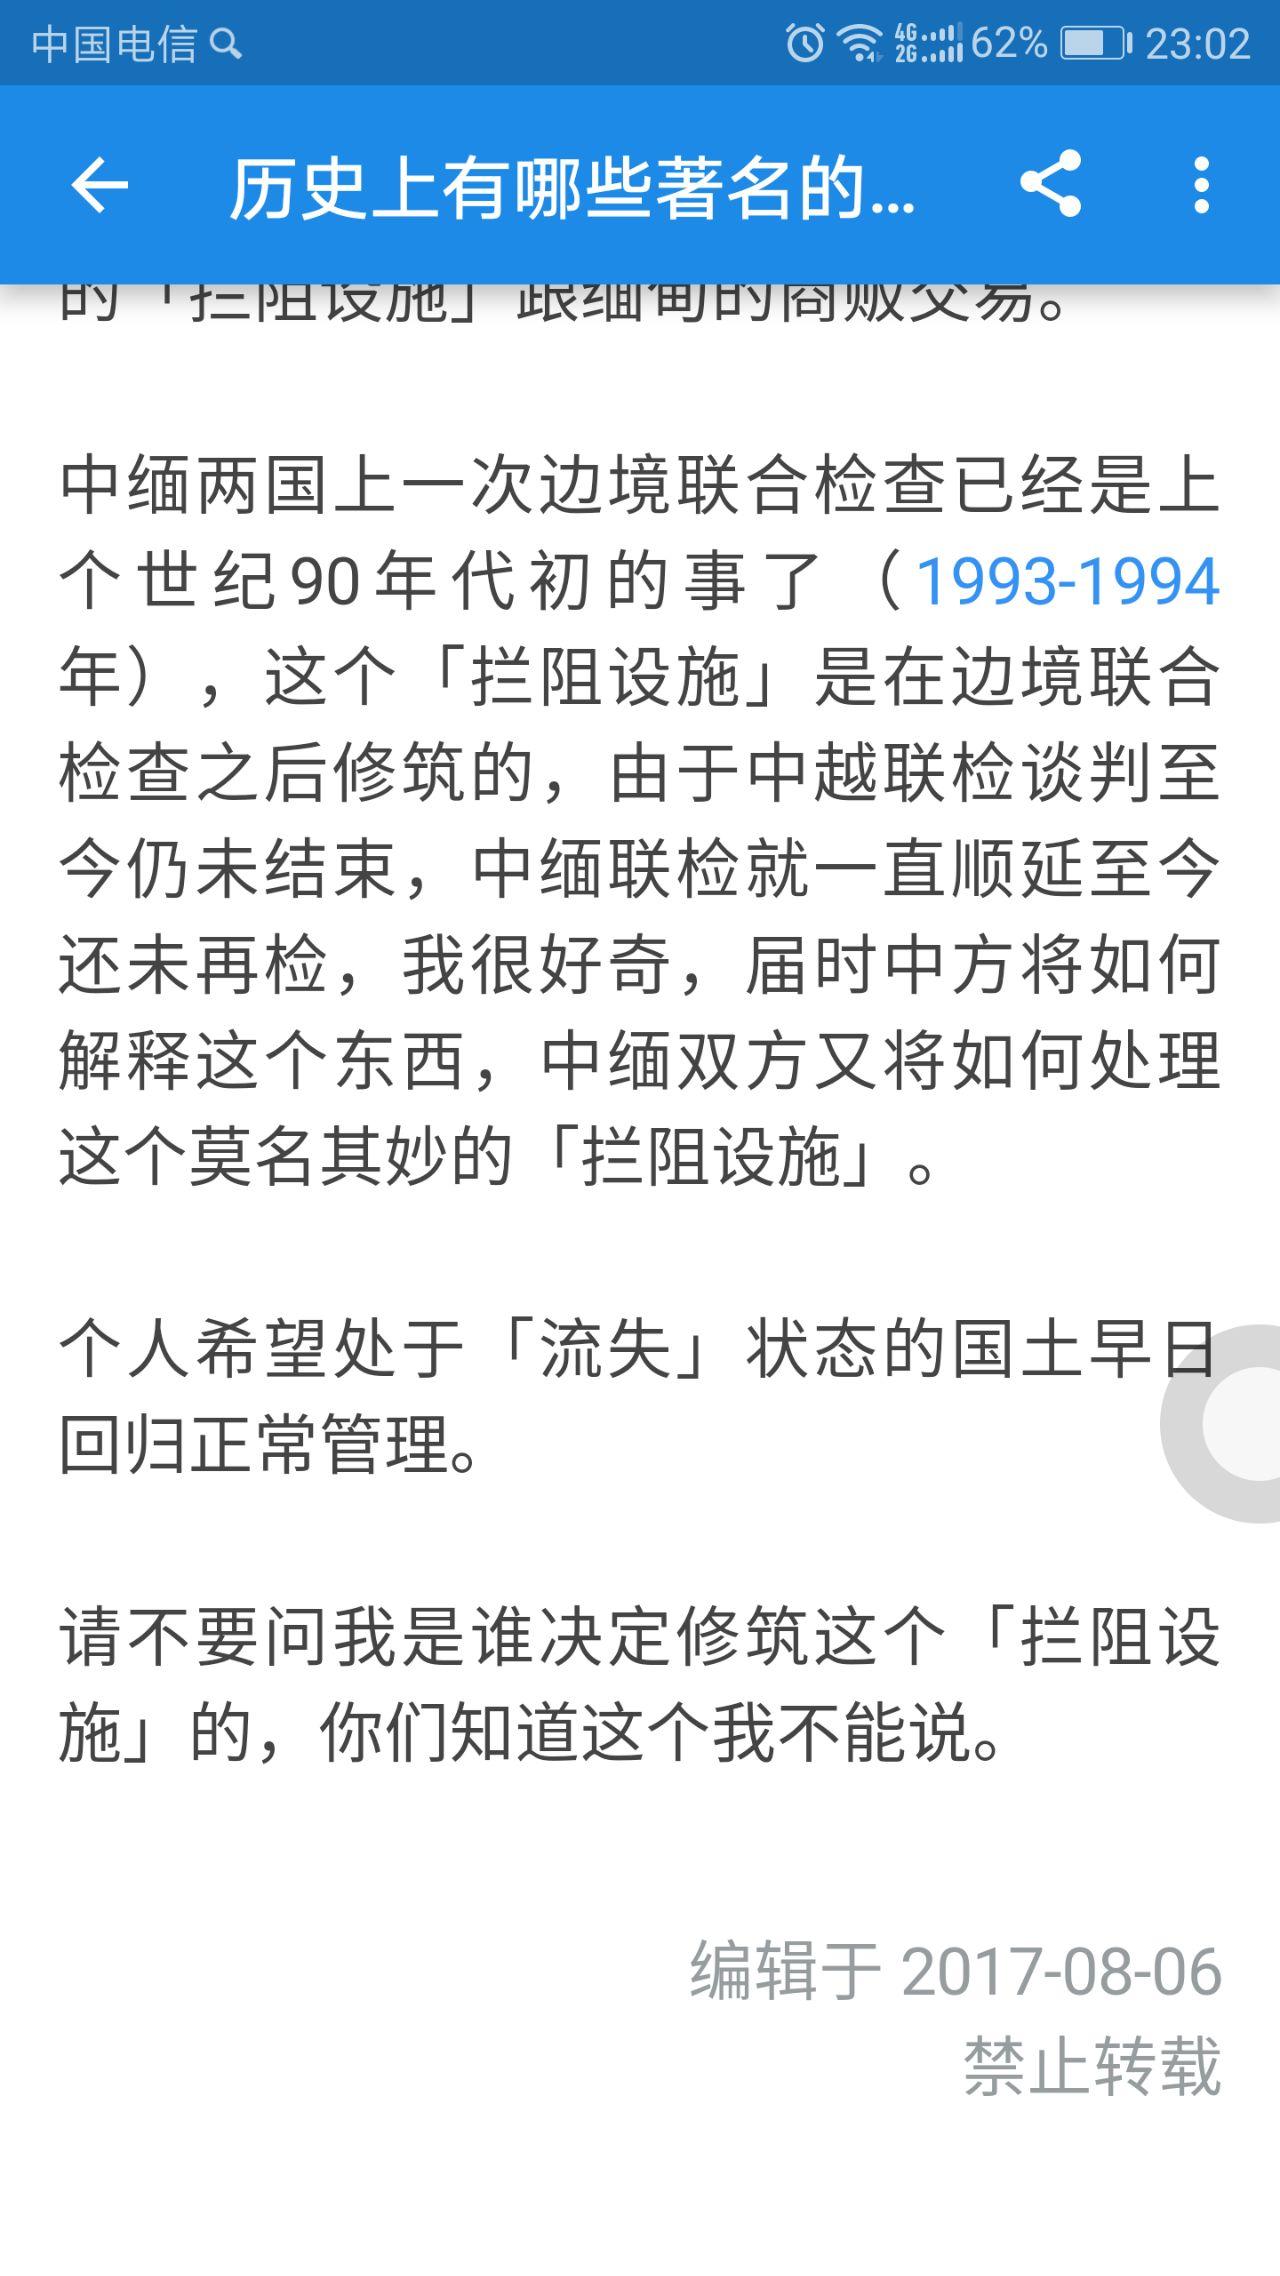 中国国境线边中国一侧连绵不停的铁丝网到底为什么要修? 第4张图片